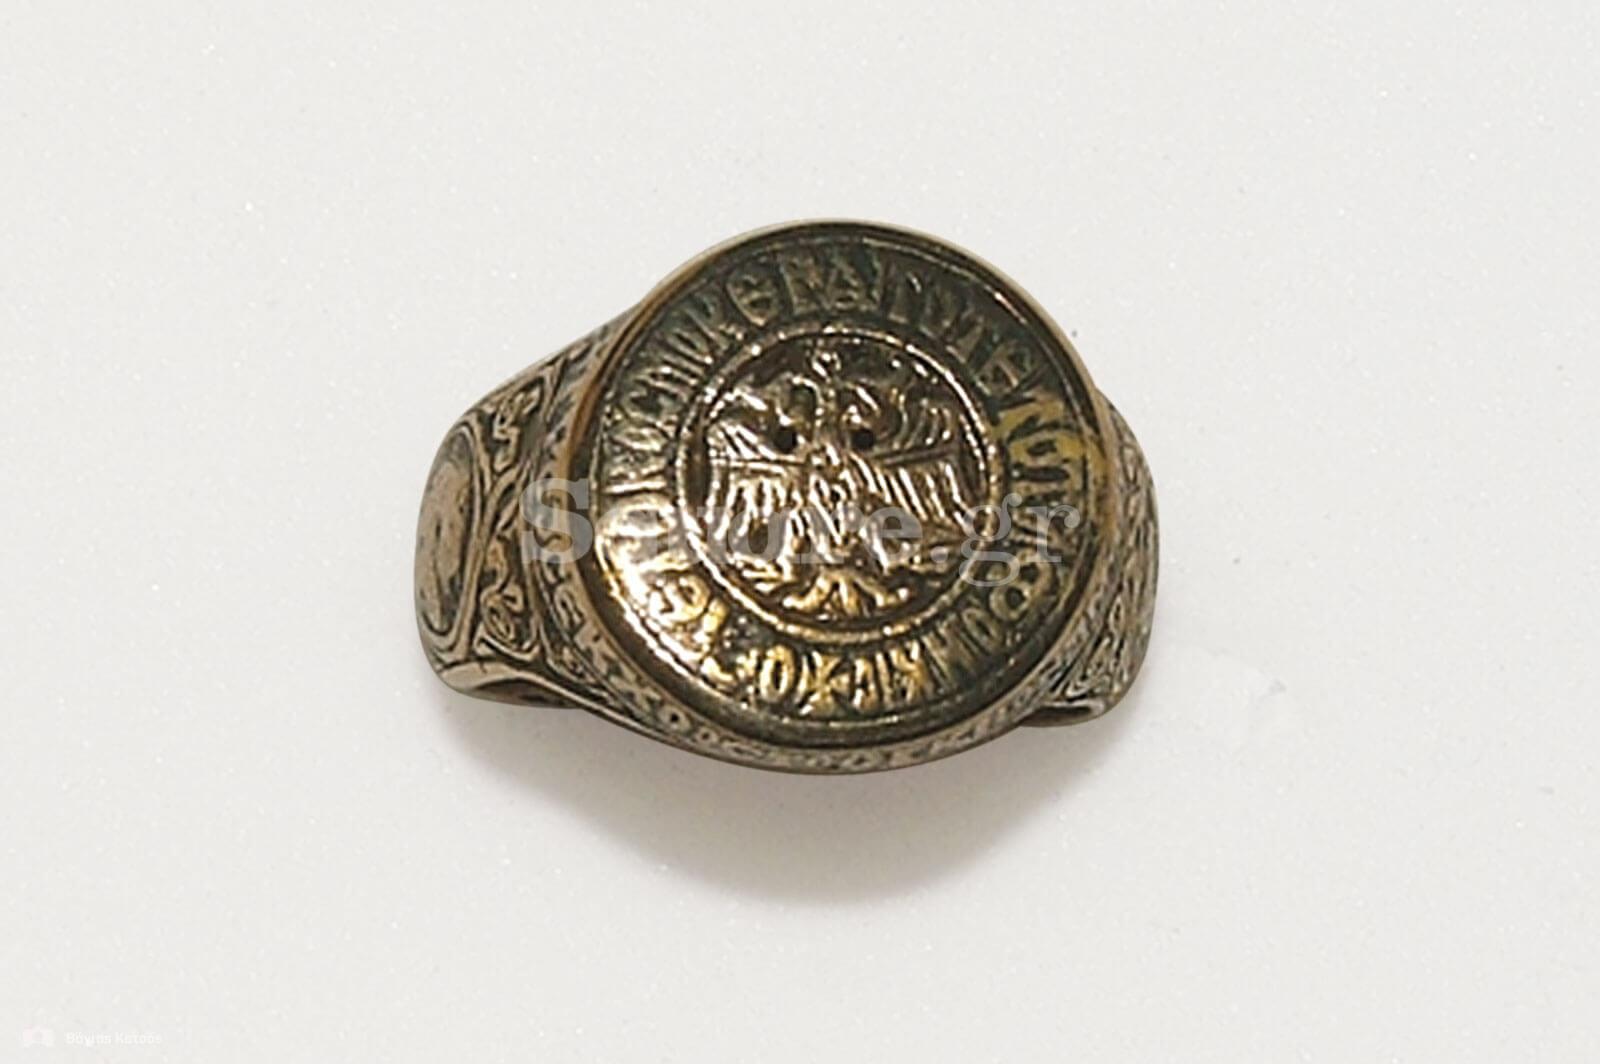 14-Εγχάρακτο-χρυσό-δακτυλίδι-του-14ου-–-15ου-αιώνα,-Βυζαντινής-τεχνοτροπίας,-που-φέρει-την-παράσταση-του-δικέφαλου-αετού-των-Παλαιολόγων